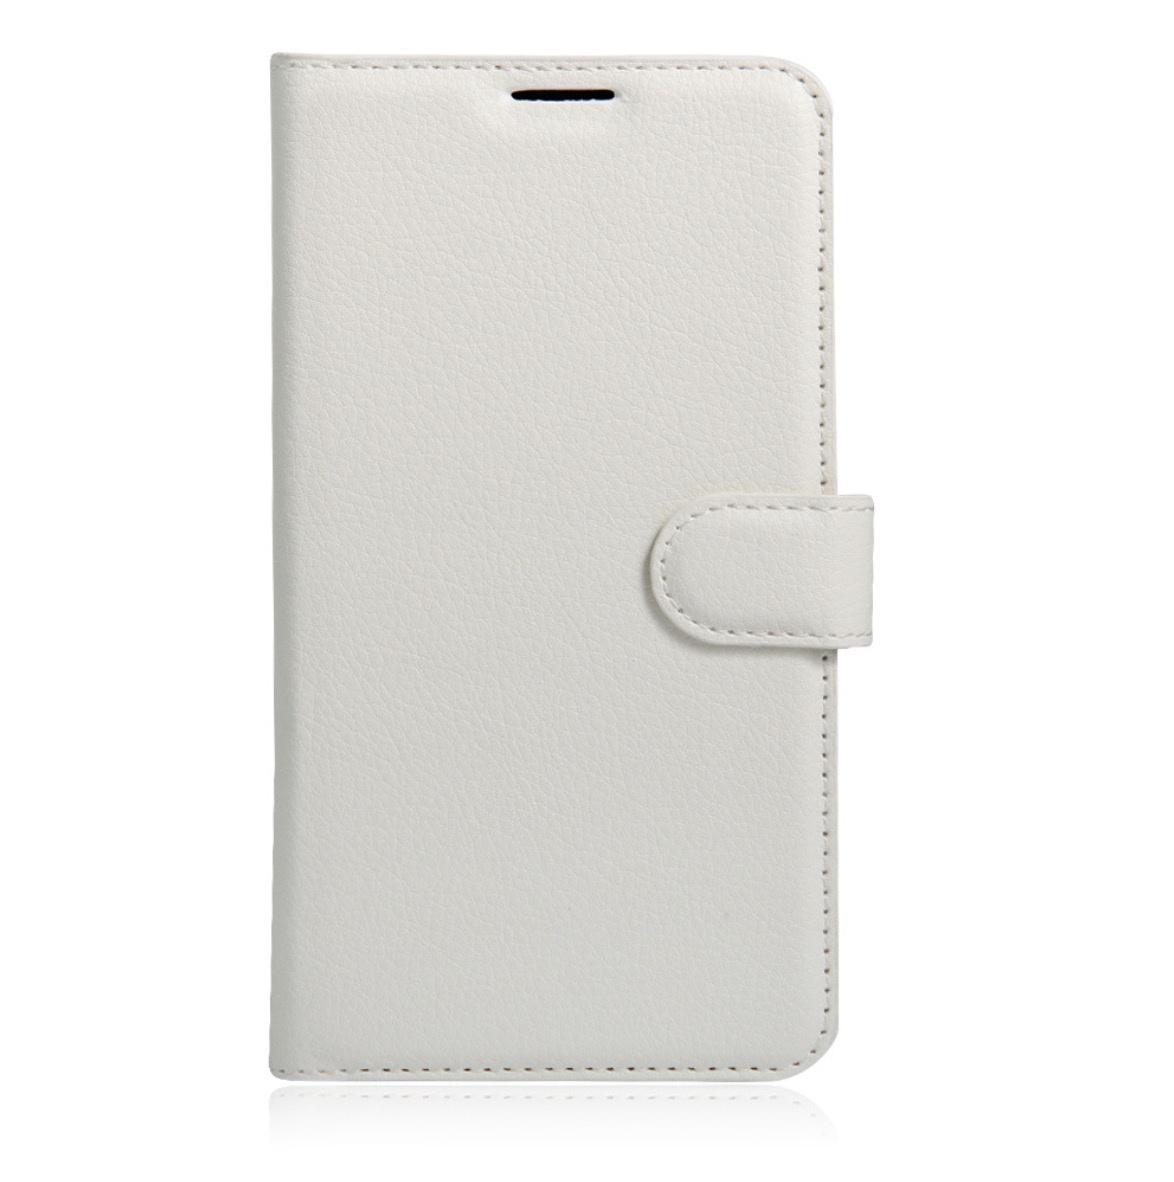 Чехол-книжка MyPads для LG Max X155 с мульти-подставкой застёжкой и визитницей белый lg max x155